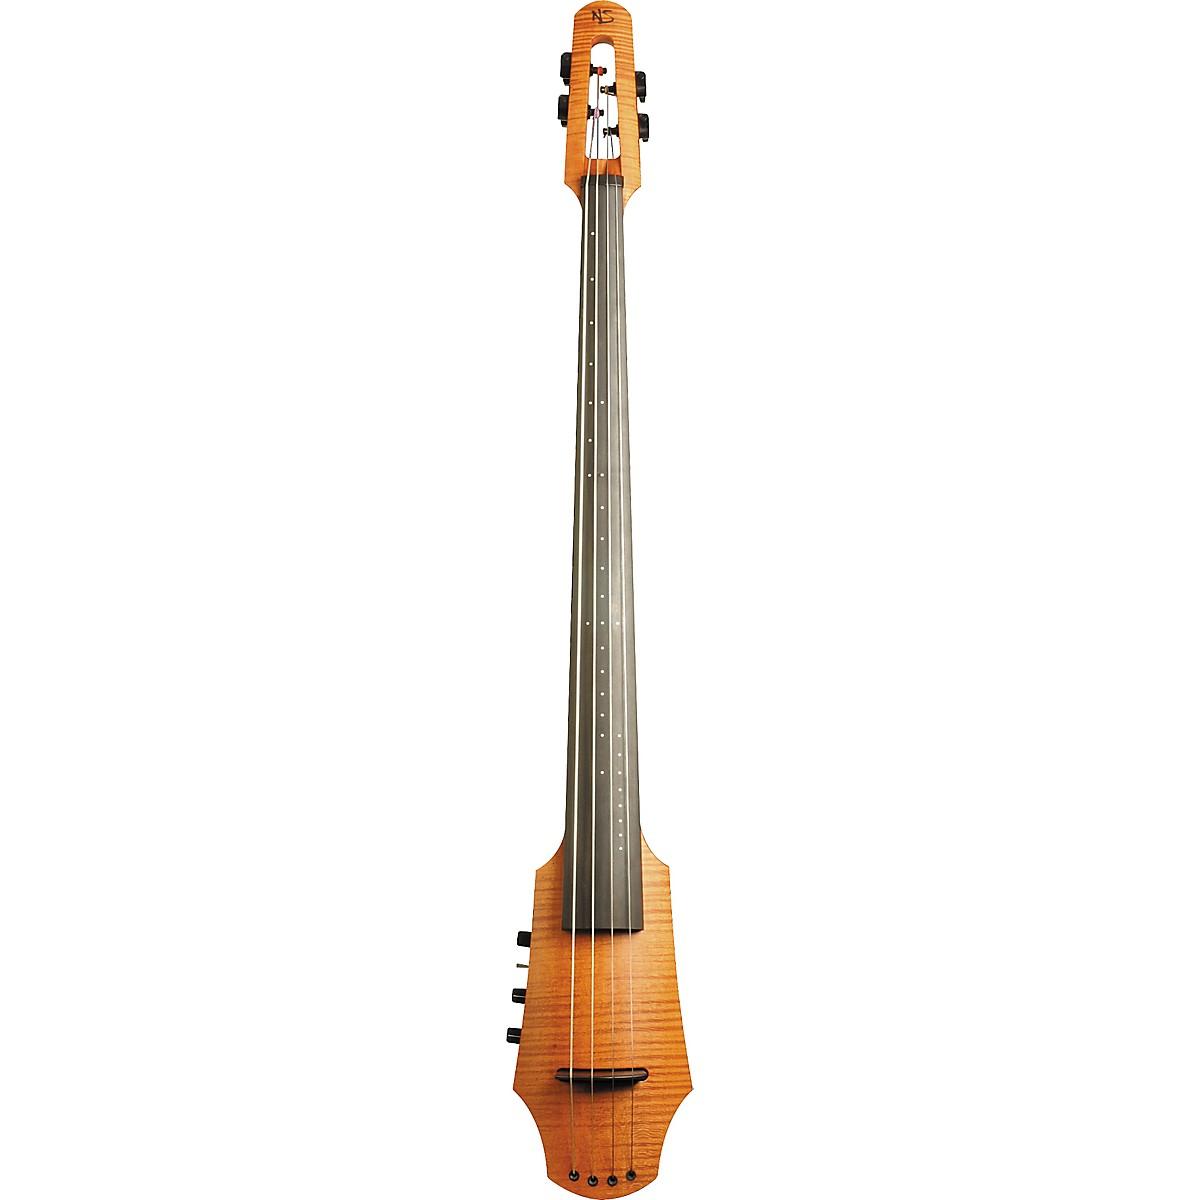 NS Design CR4 4-String Electric Cello